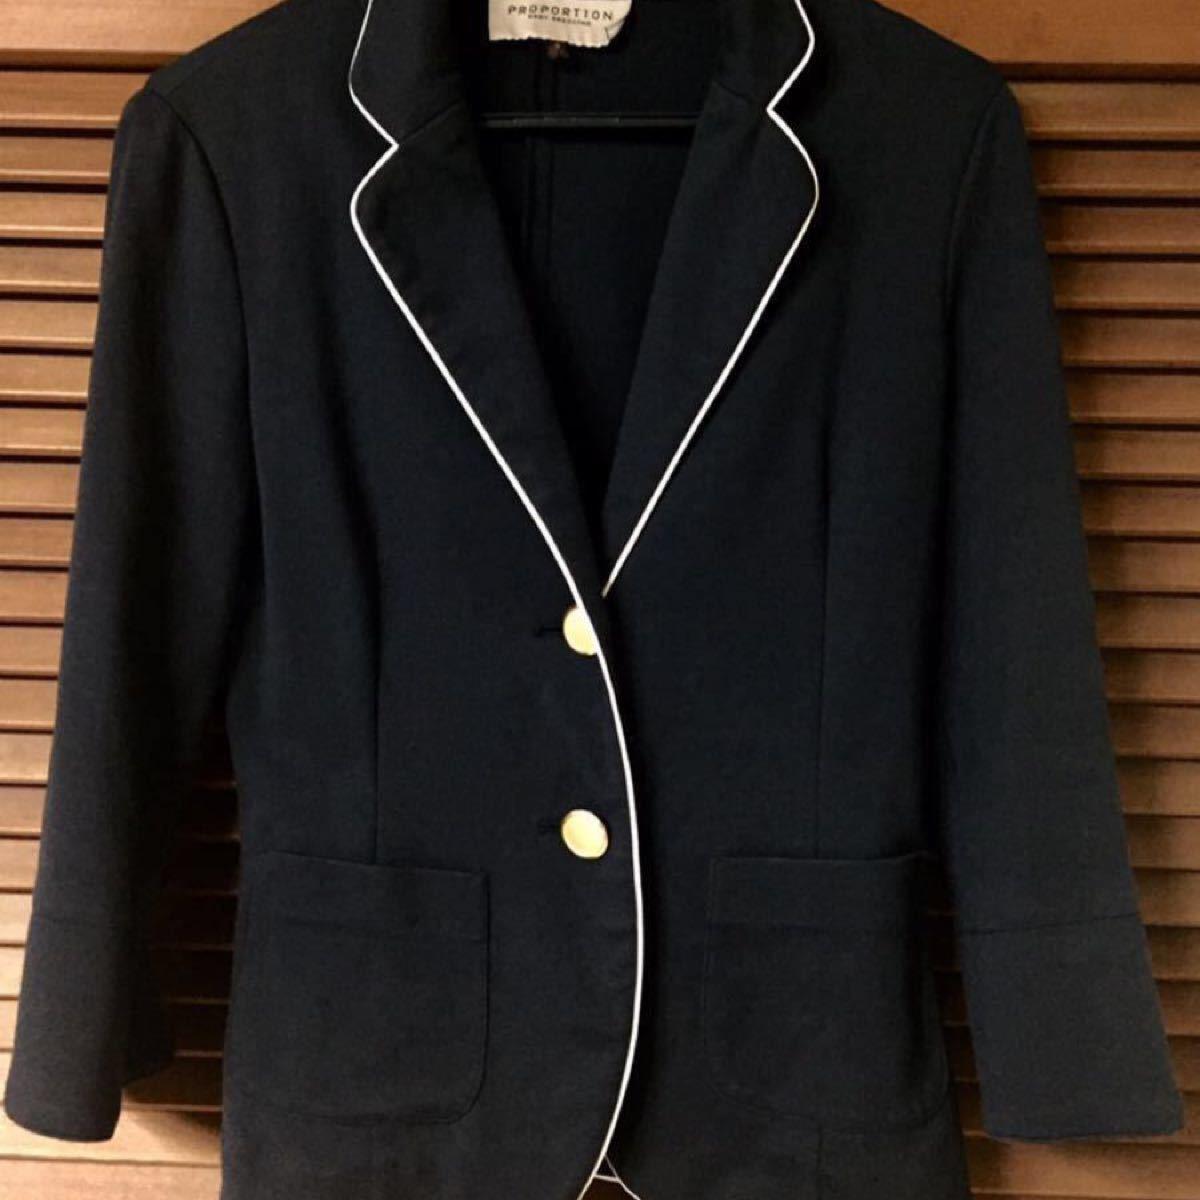 テーラードジャケット レディース紺ブレザー8部袖  (M)